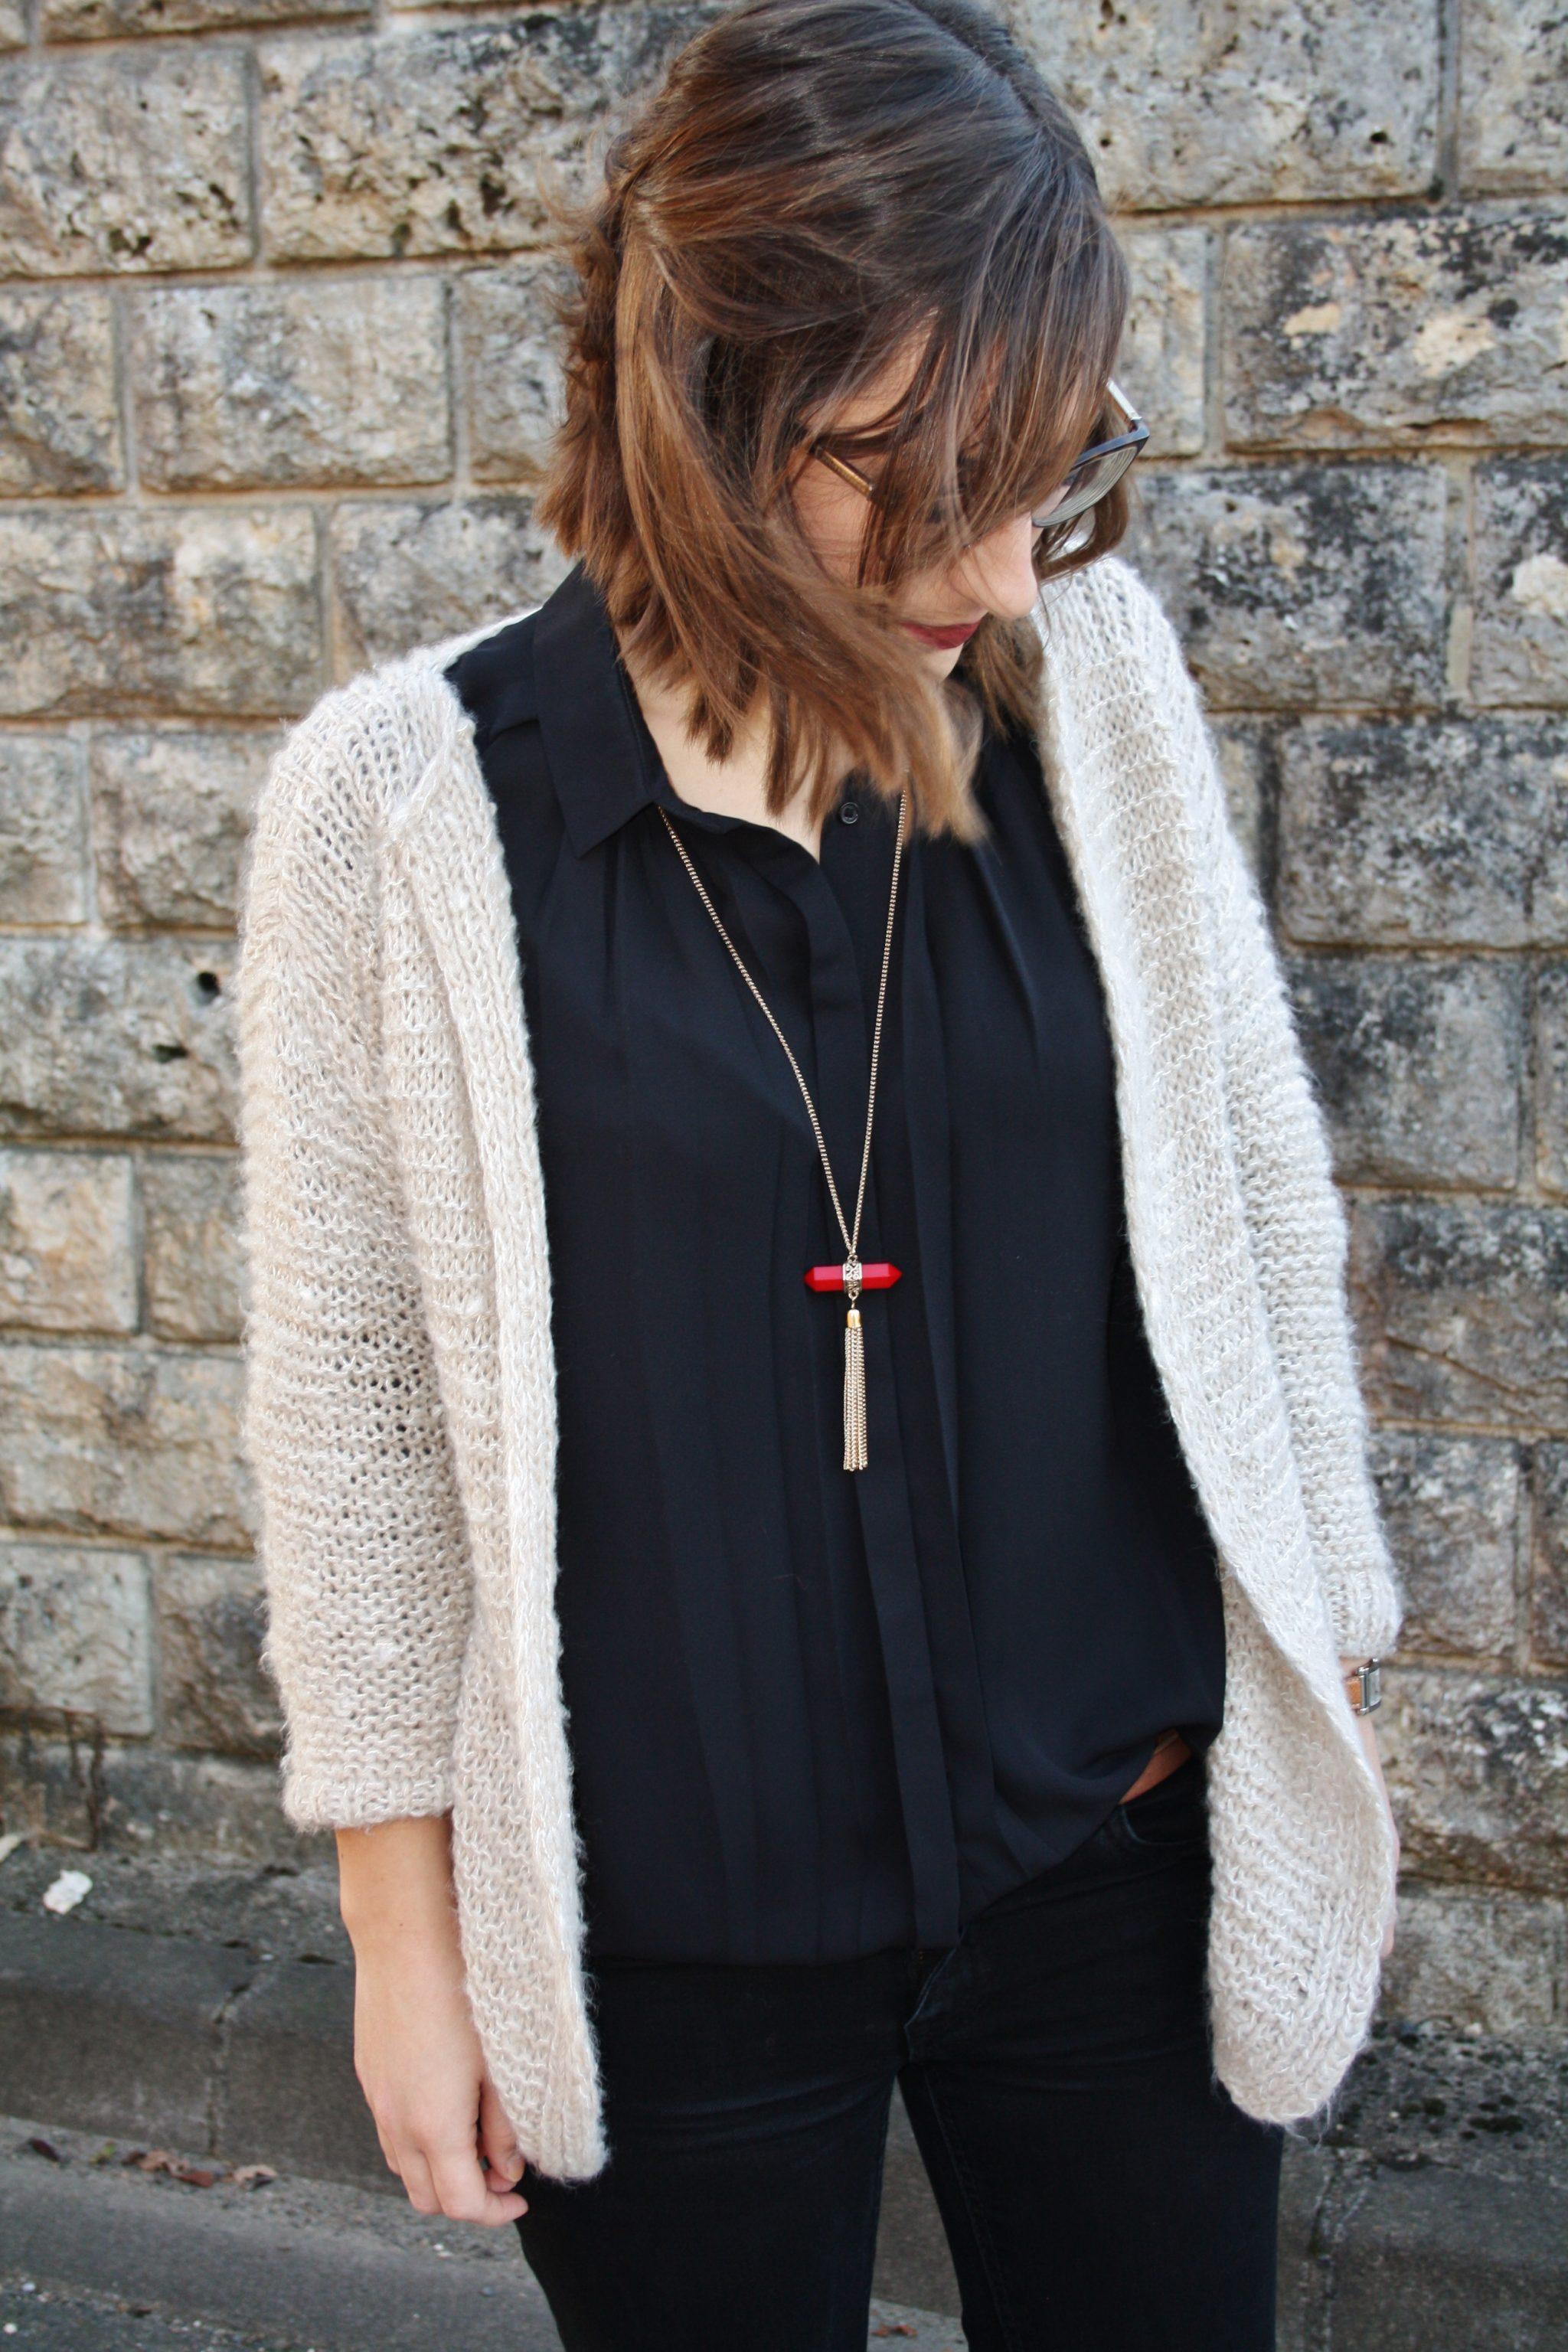 Le gilet germaine huguette paillettes blog et id es - Grosse laine pour tricoter sans aiguille ...